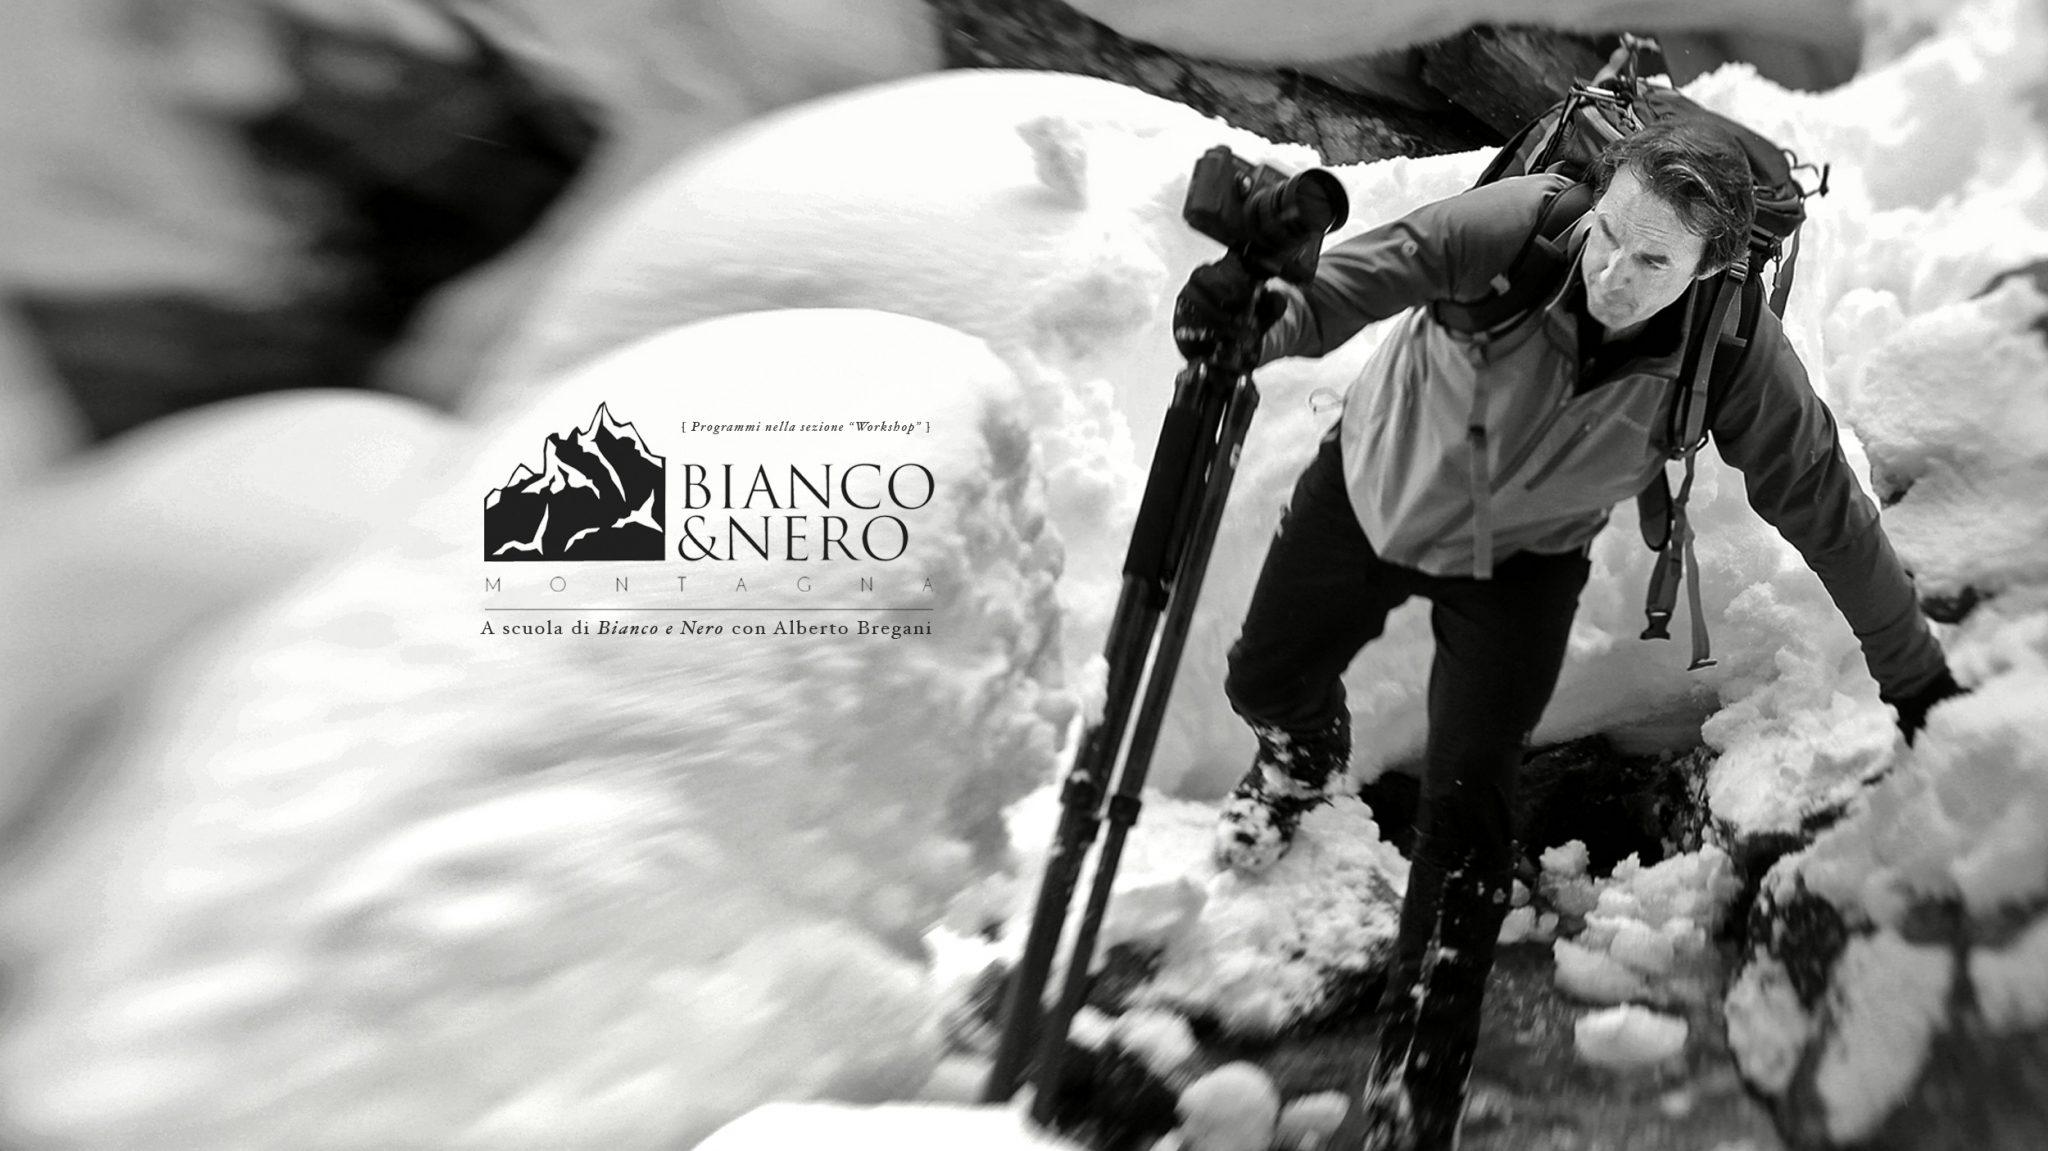 BNM | A scuola di Bianco e Nero con Alberto Bregani